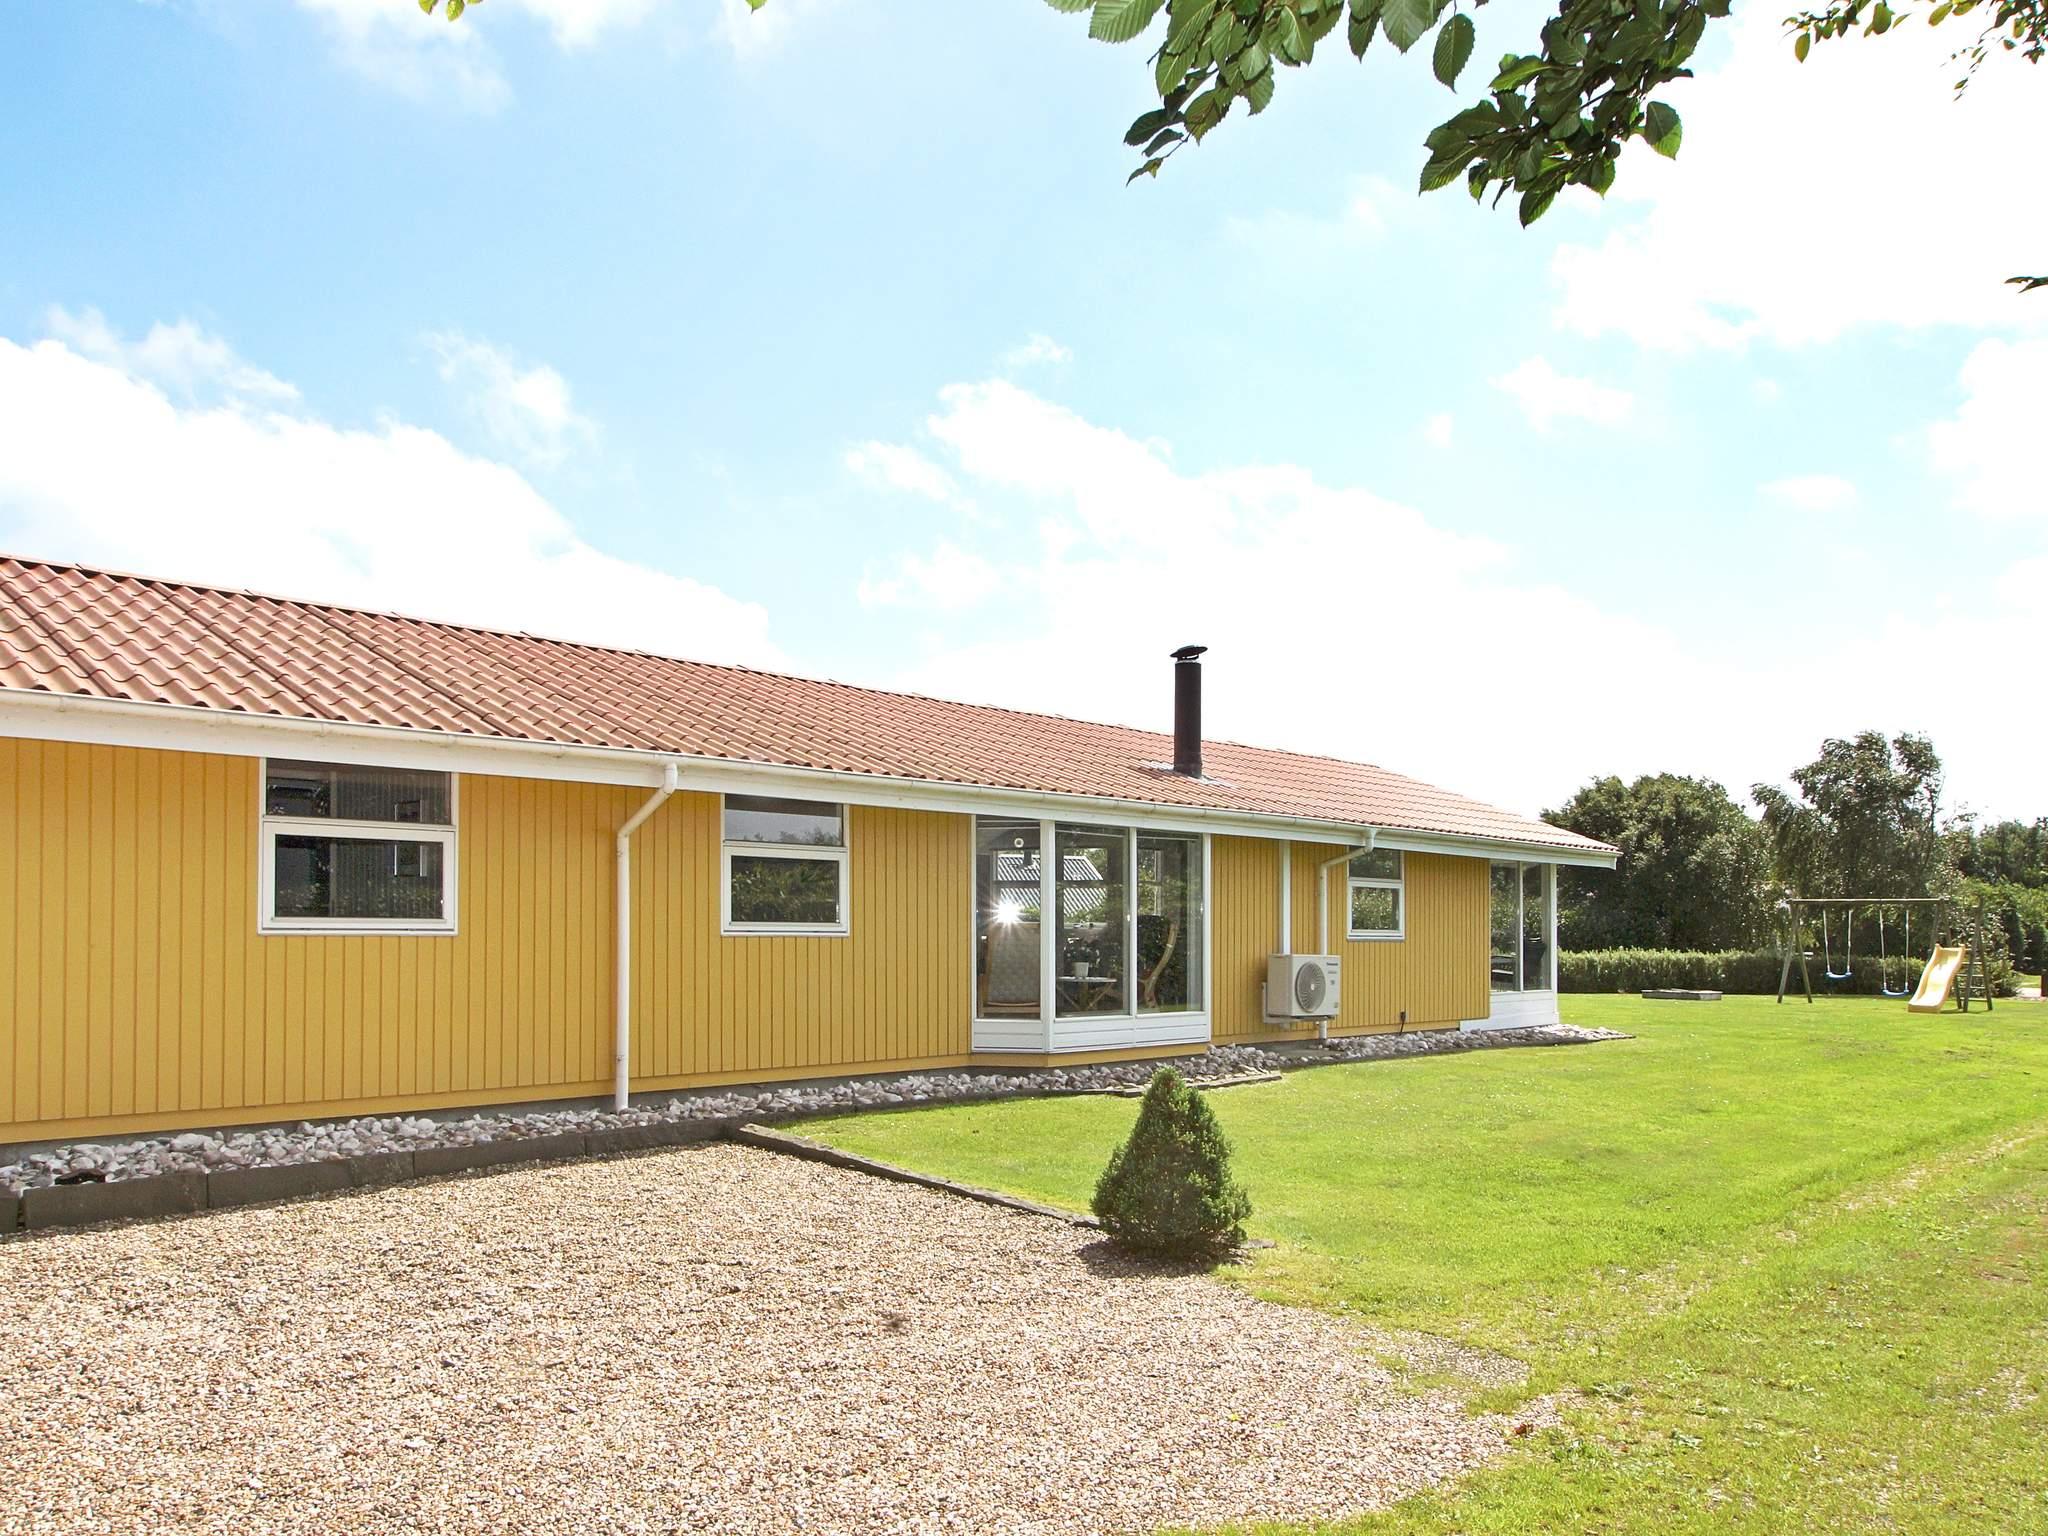 Ferienhaus Bork Havn (241763), Bork Havn, , Westjütland, Dänemark, Bild 17